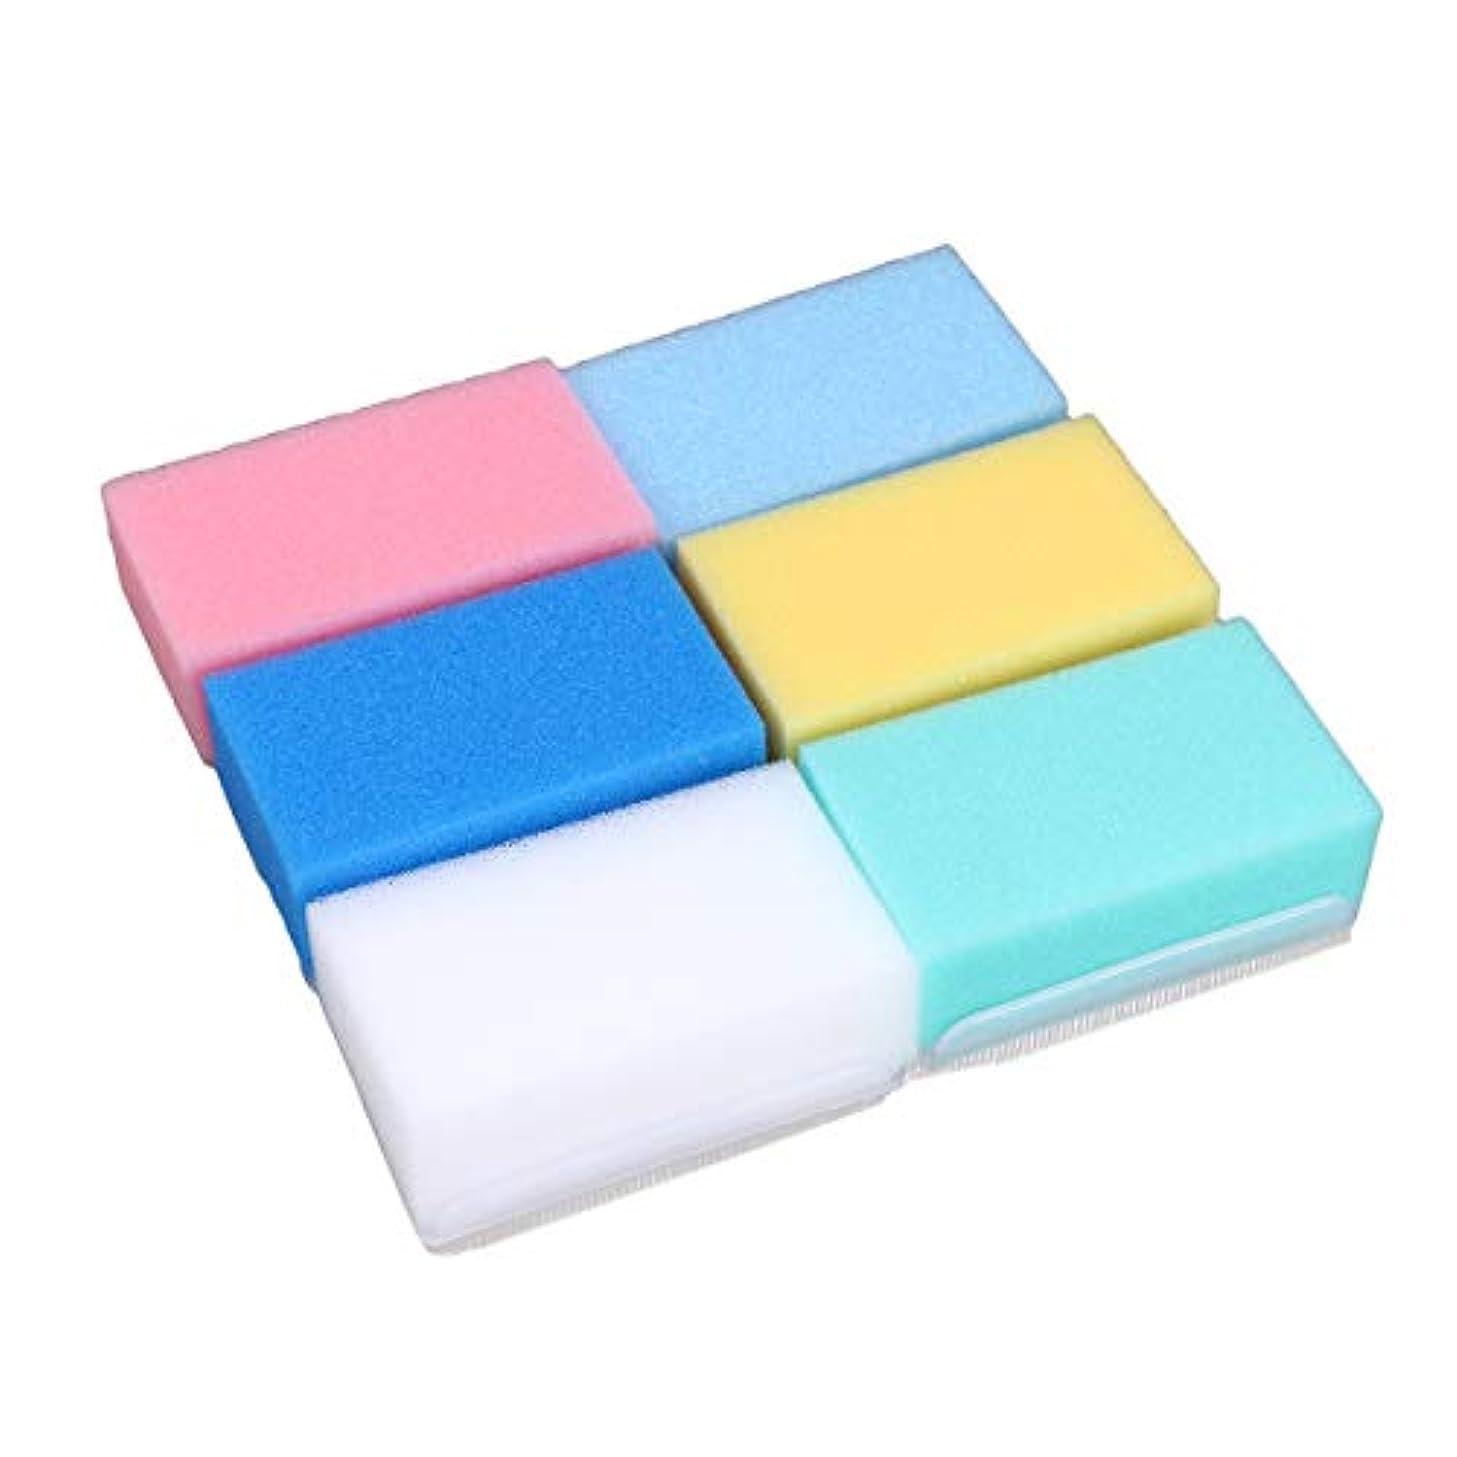 数学事業前投薬HEALIFTY 6本入浴ボディウォッシュブラシ柔らかい触覚感覚統合トレーニング乳児新生児のためのバスブラシバススポンジ(6色)